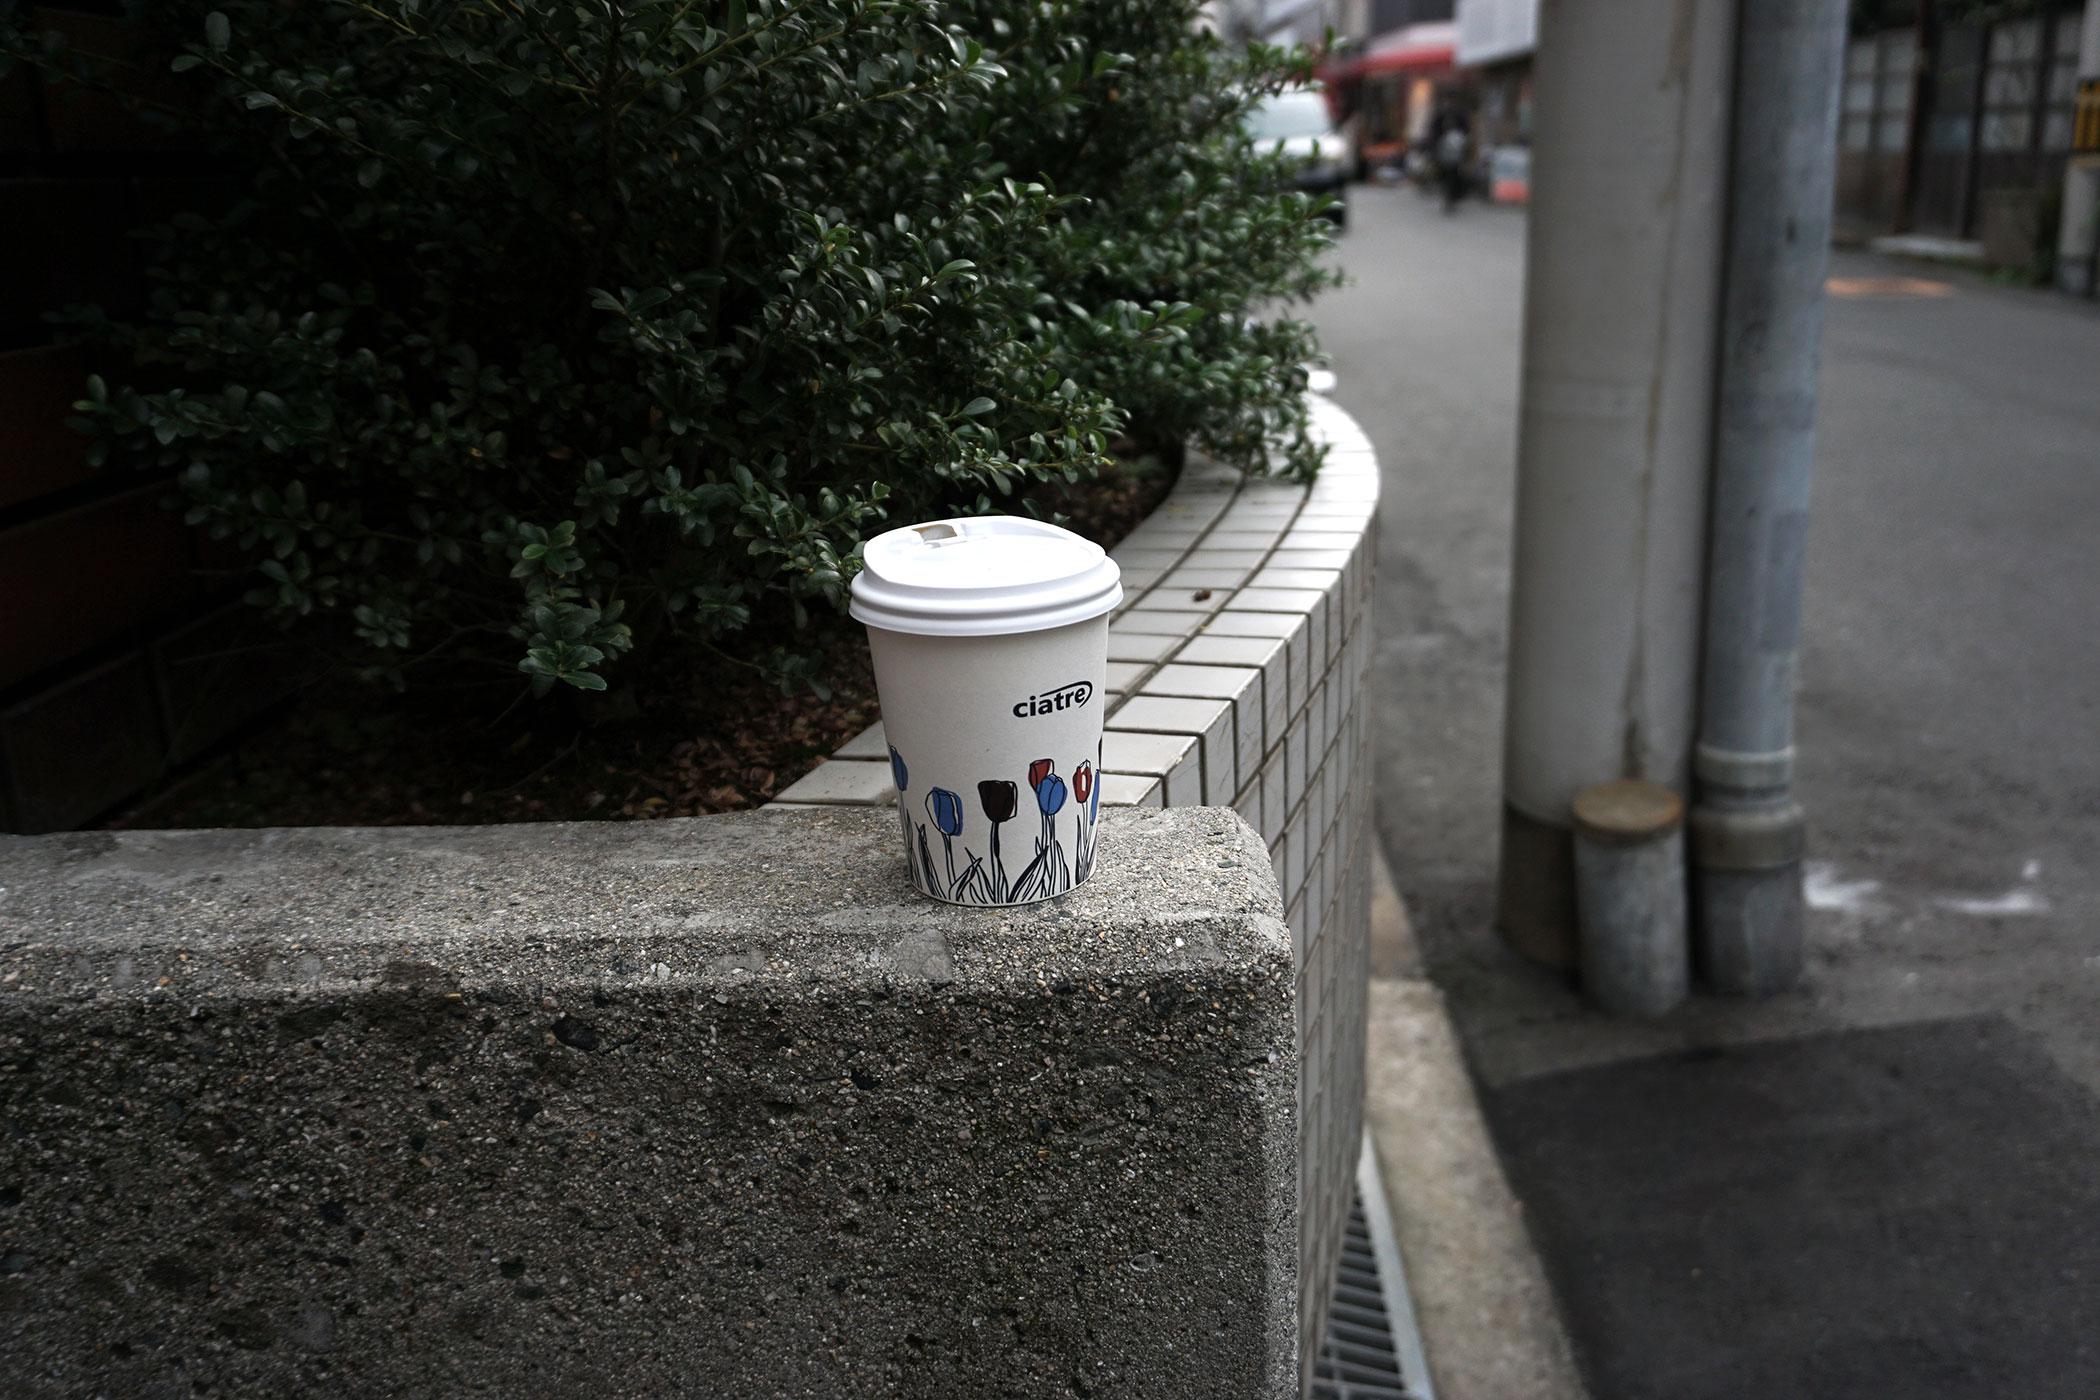 ciatre コーヒースタンド×古着のショップが中崎町に誕生